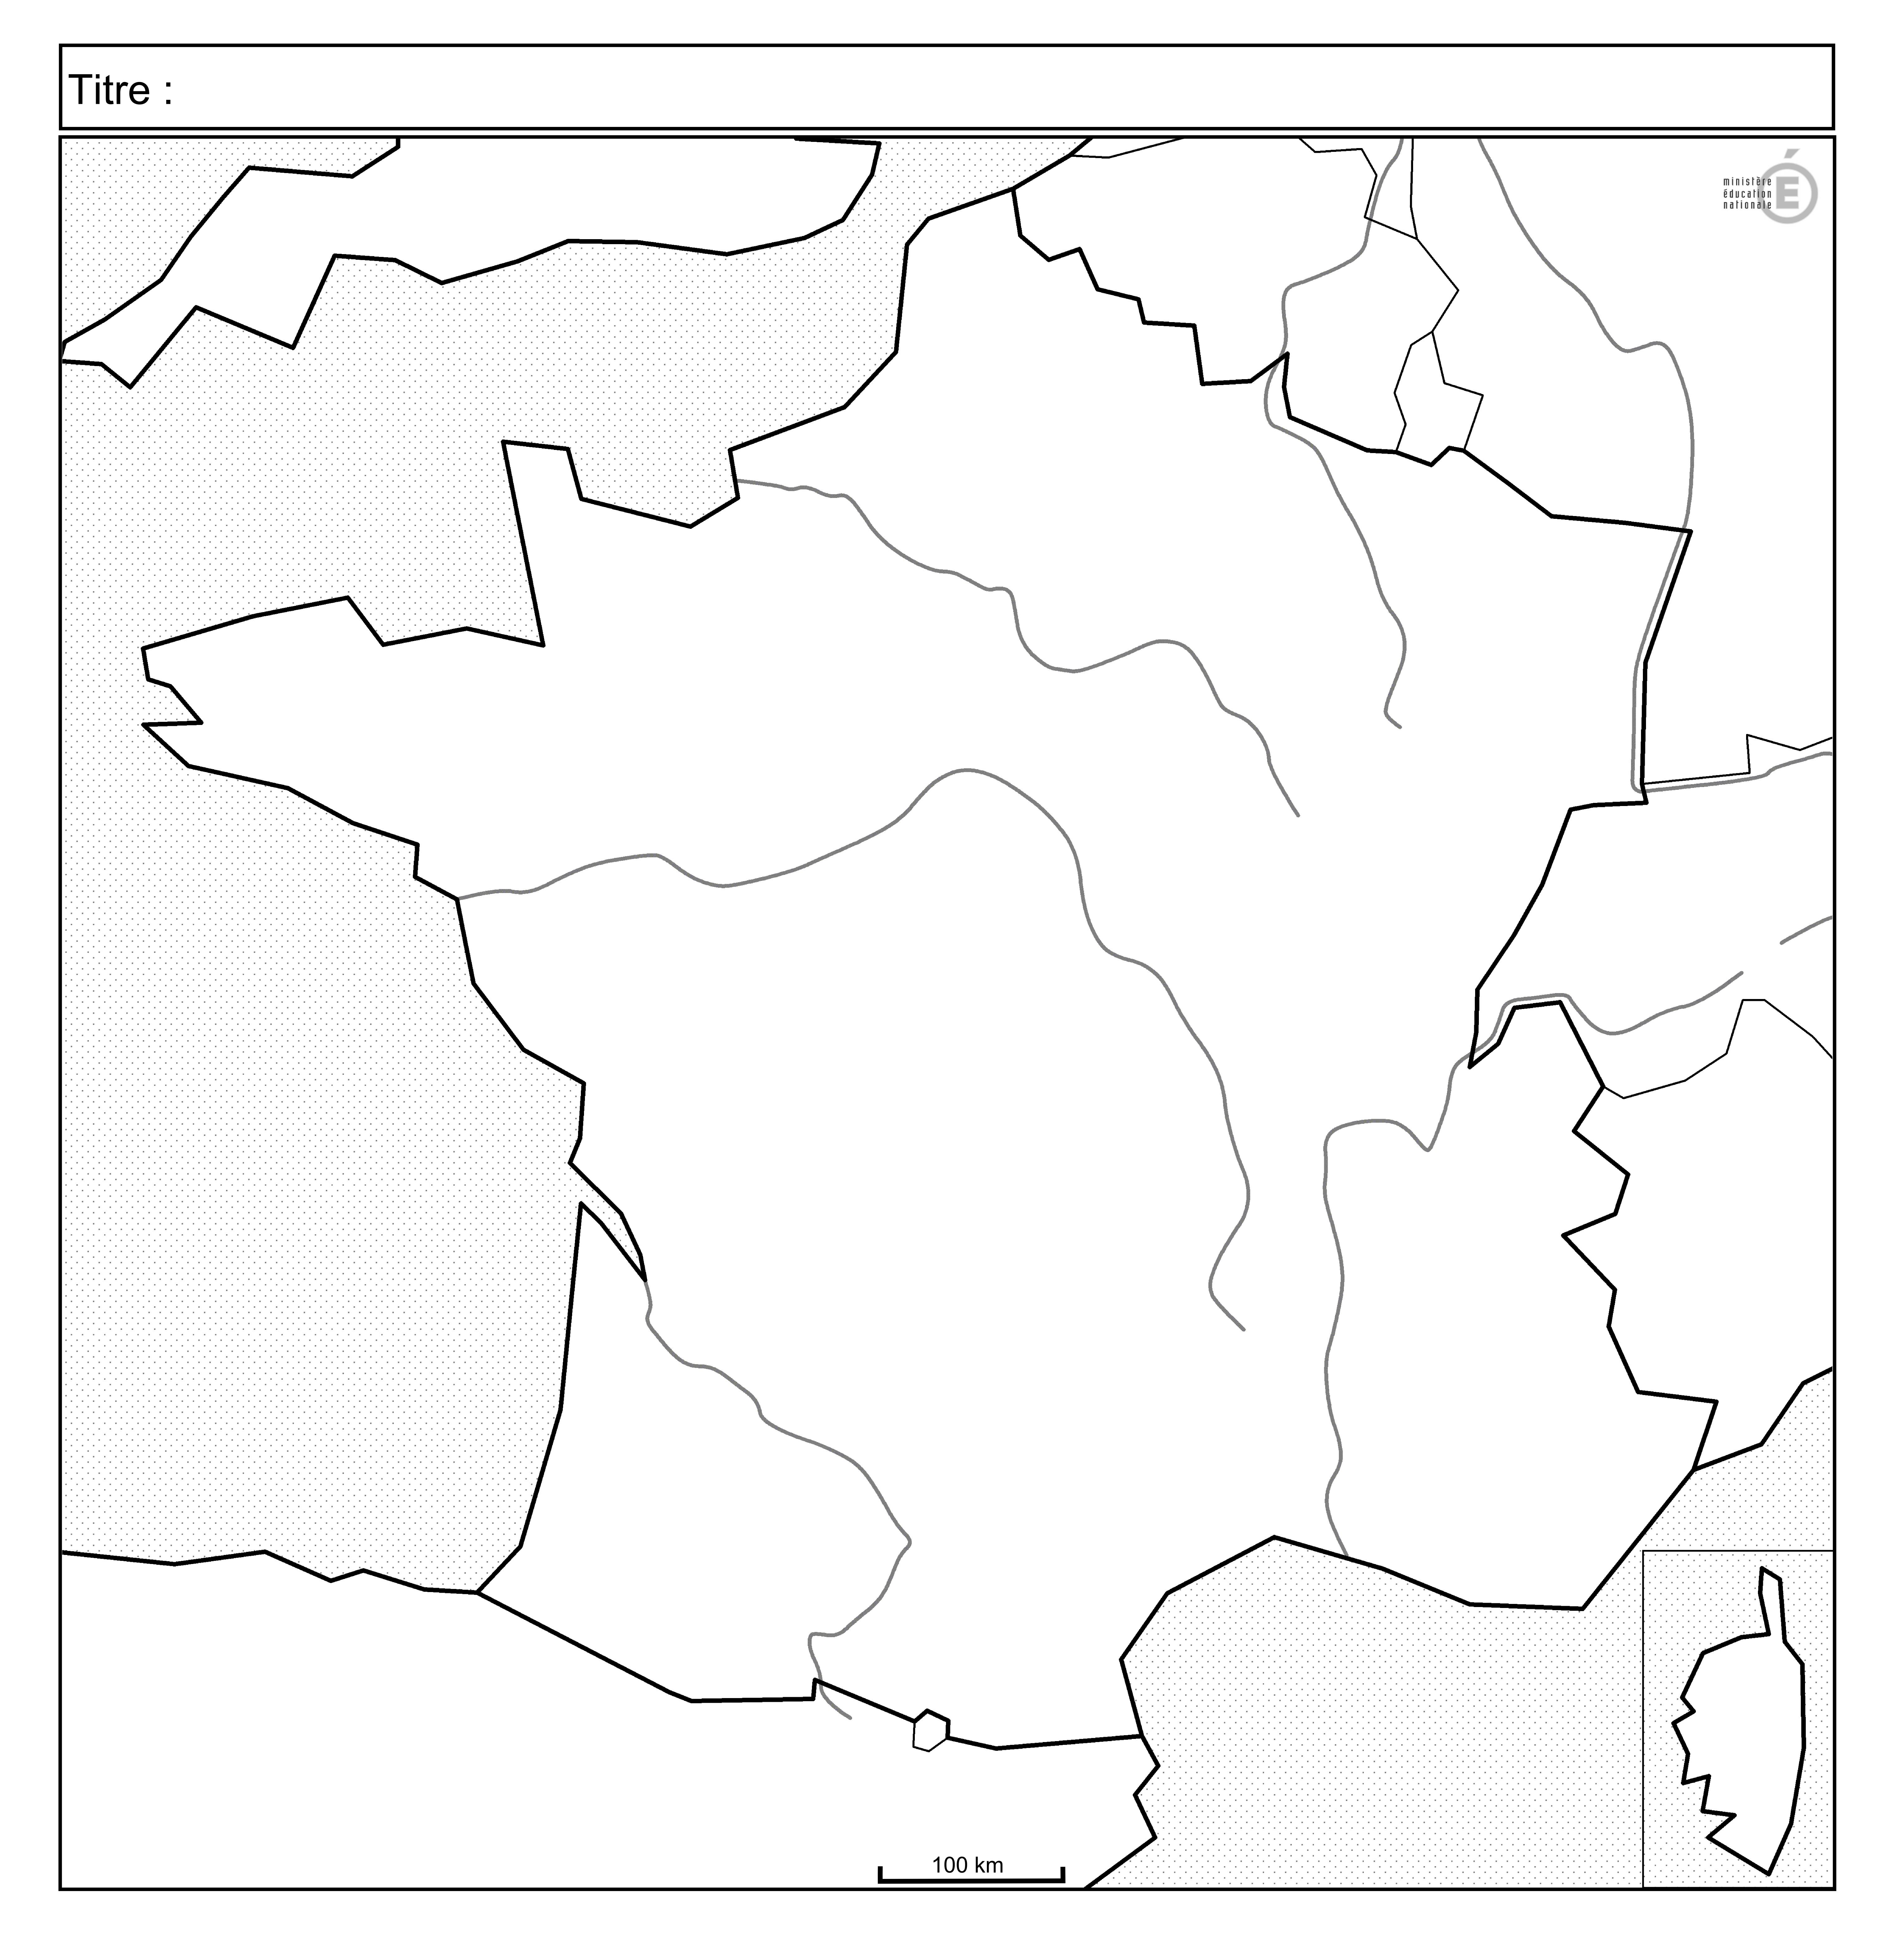 Fonds de cartes du relief de France et Quiz